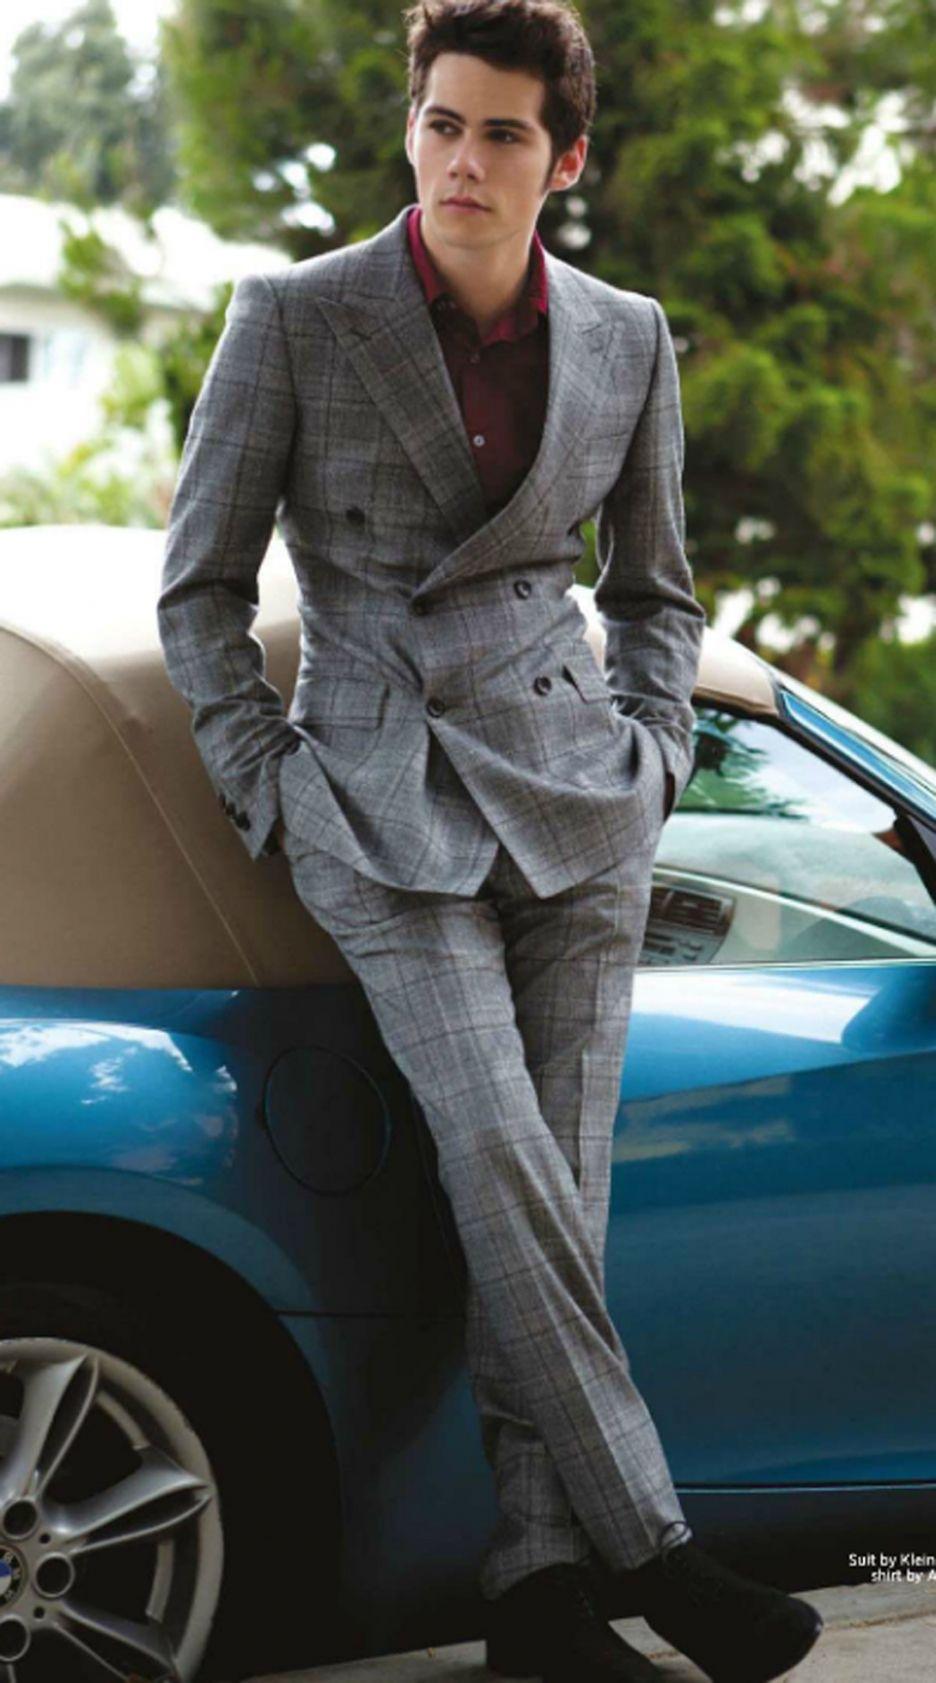 Dylan suit